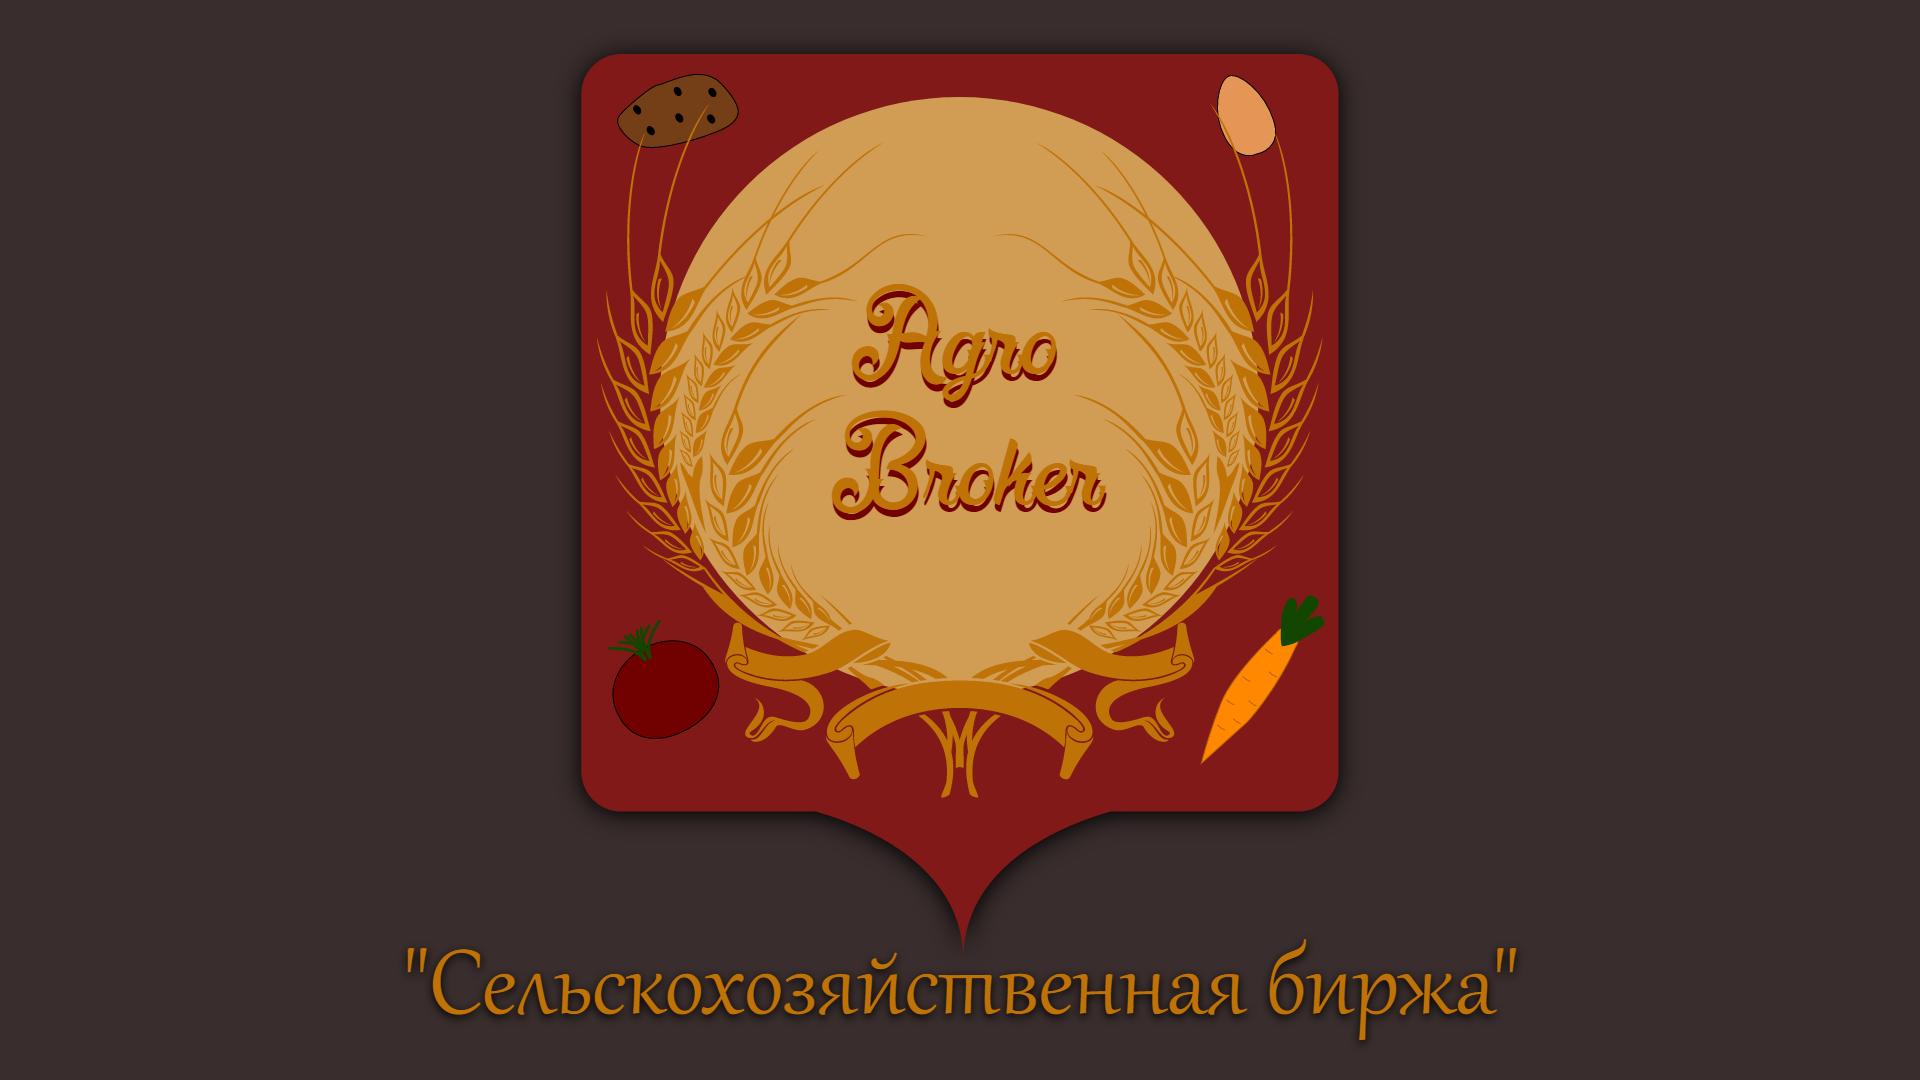 ТЗ на разработку пакета айдентики Agro.Broker фото f_488596660b3ae40f.png